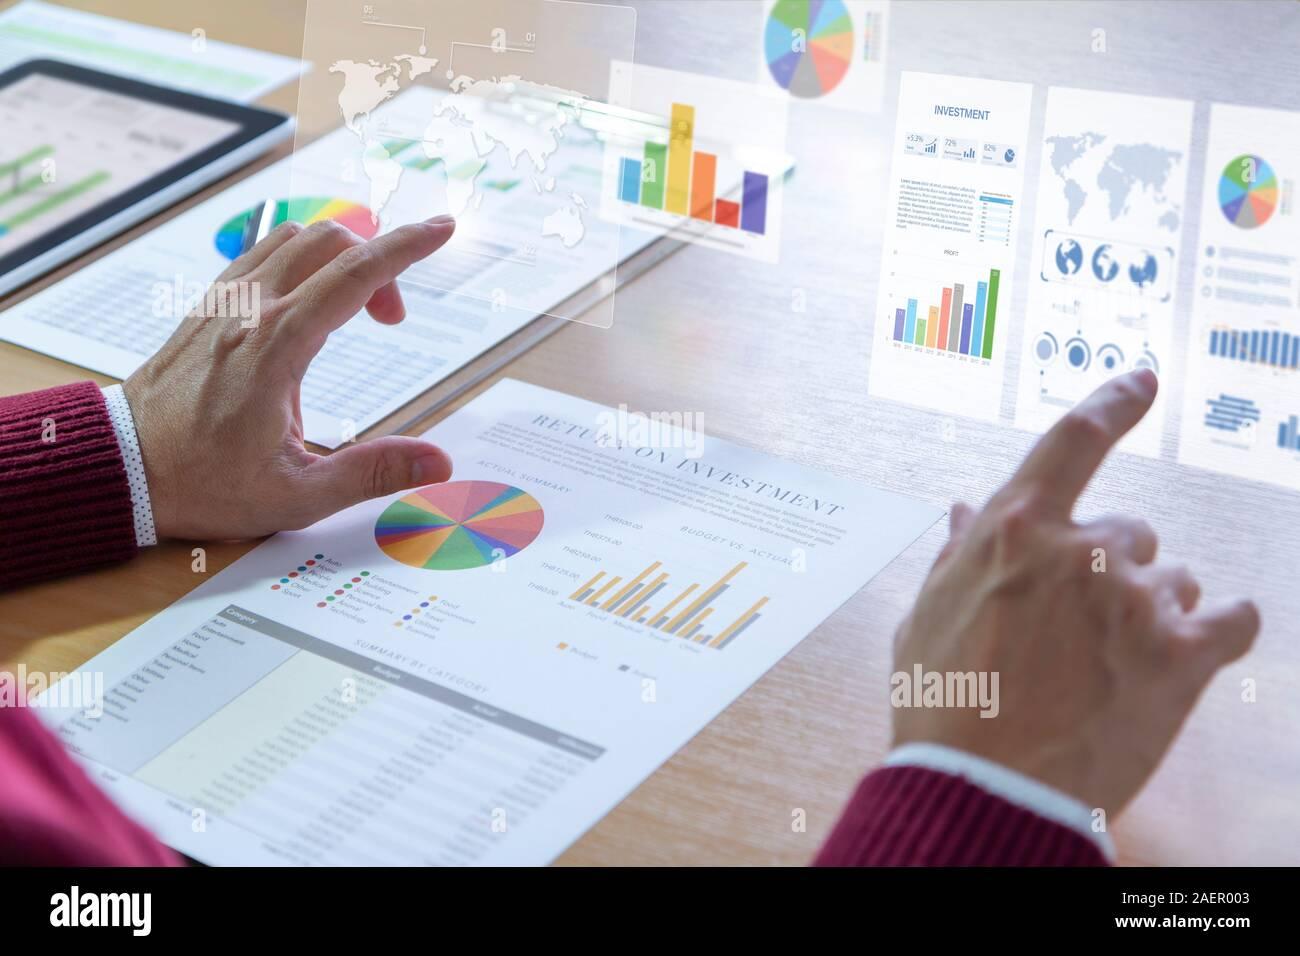 Empresario interactúa con gráficos de realidad aumentada mientras profundamente revisando un informe financiero para un retorno de la inversión o el análisis de riesgo de inversión Foto de stock